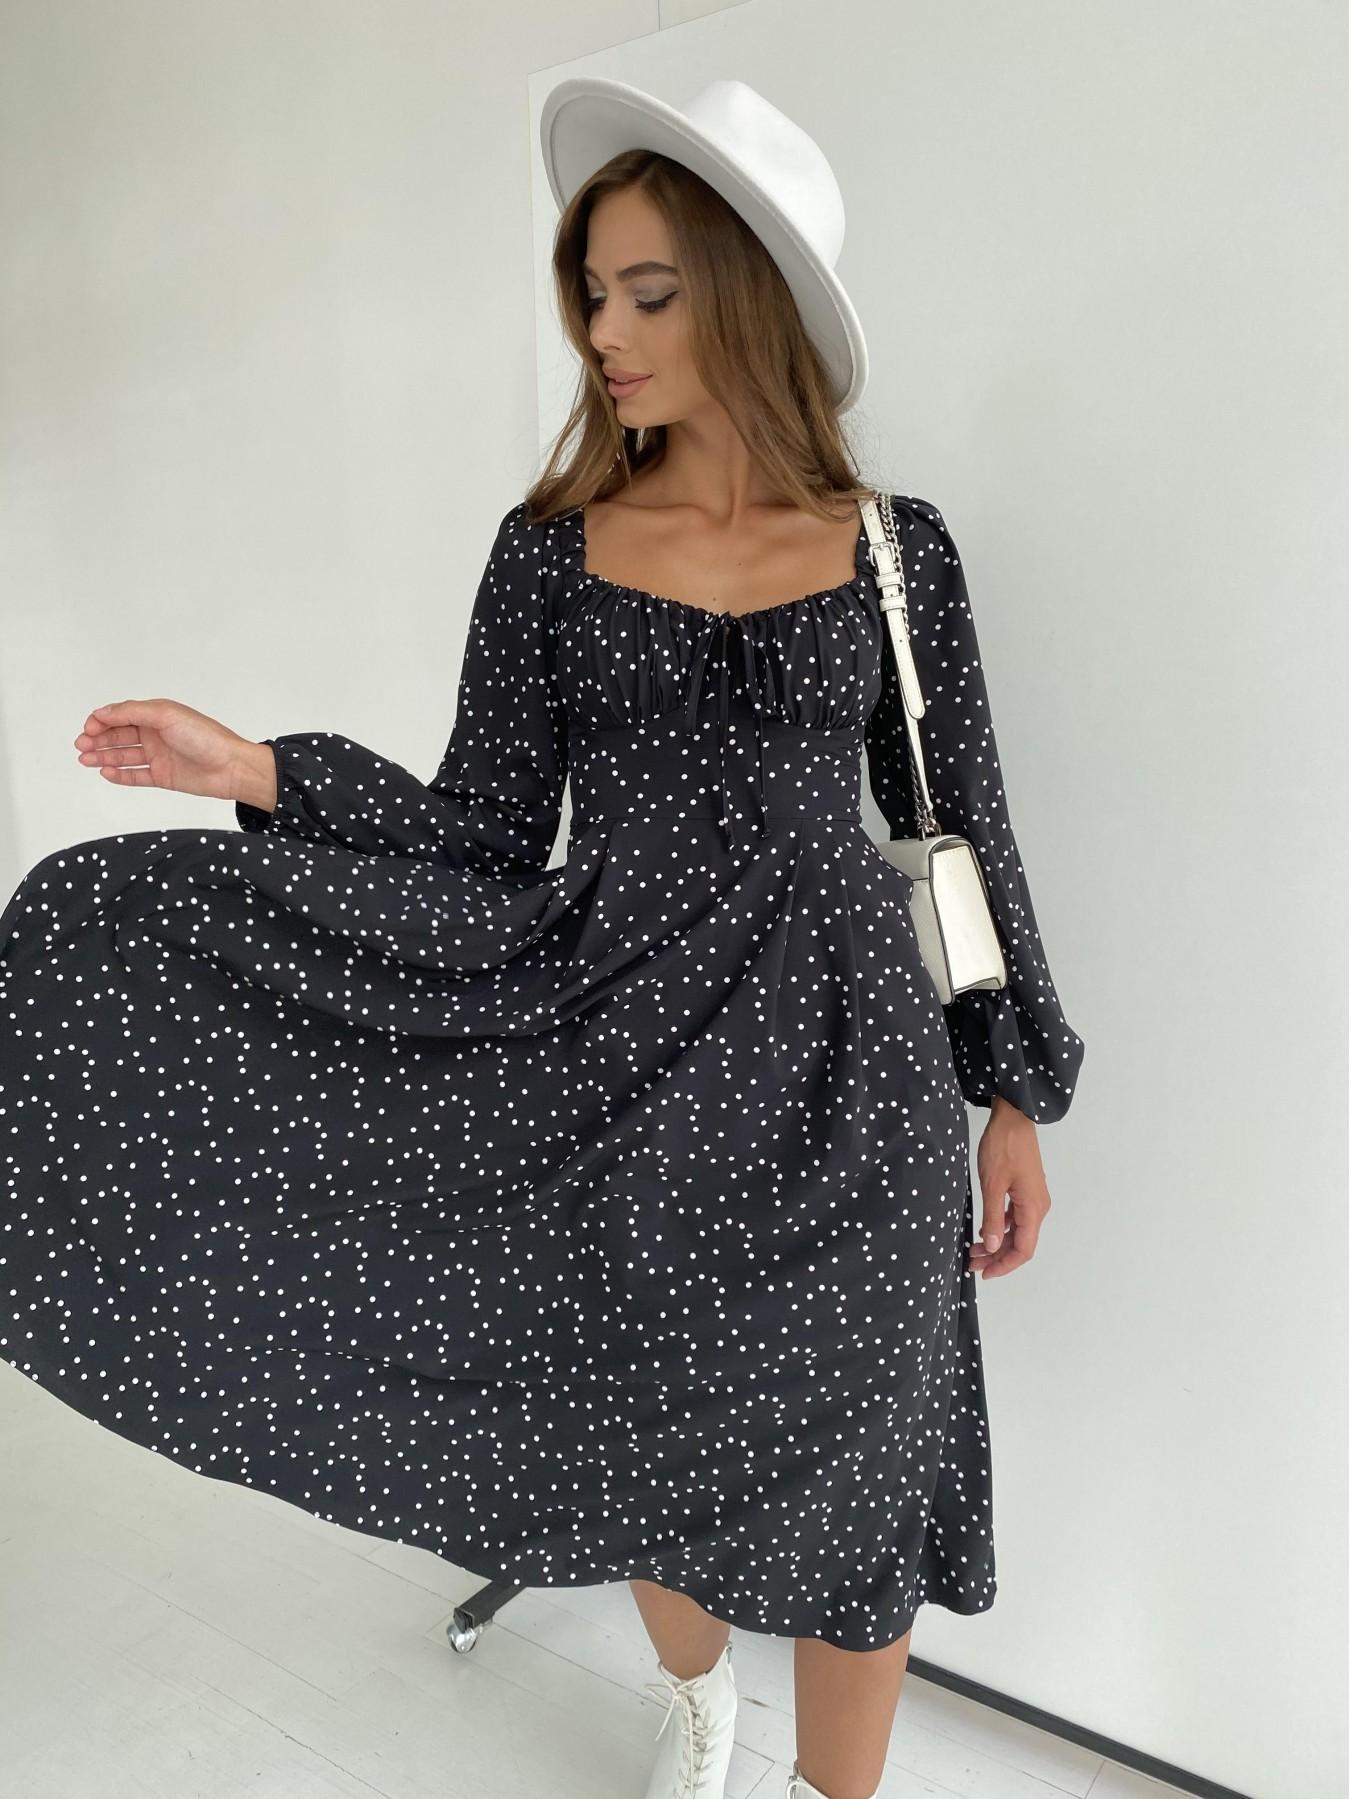 Кисес миди д/р софт принт стрейч платье 11732 АРТ. 48431 Цвет: Черный/Молоко/ГорохМел - фото 4, интернет магазин tm-modus.ru